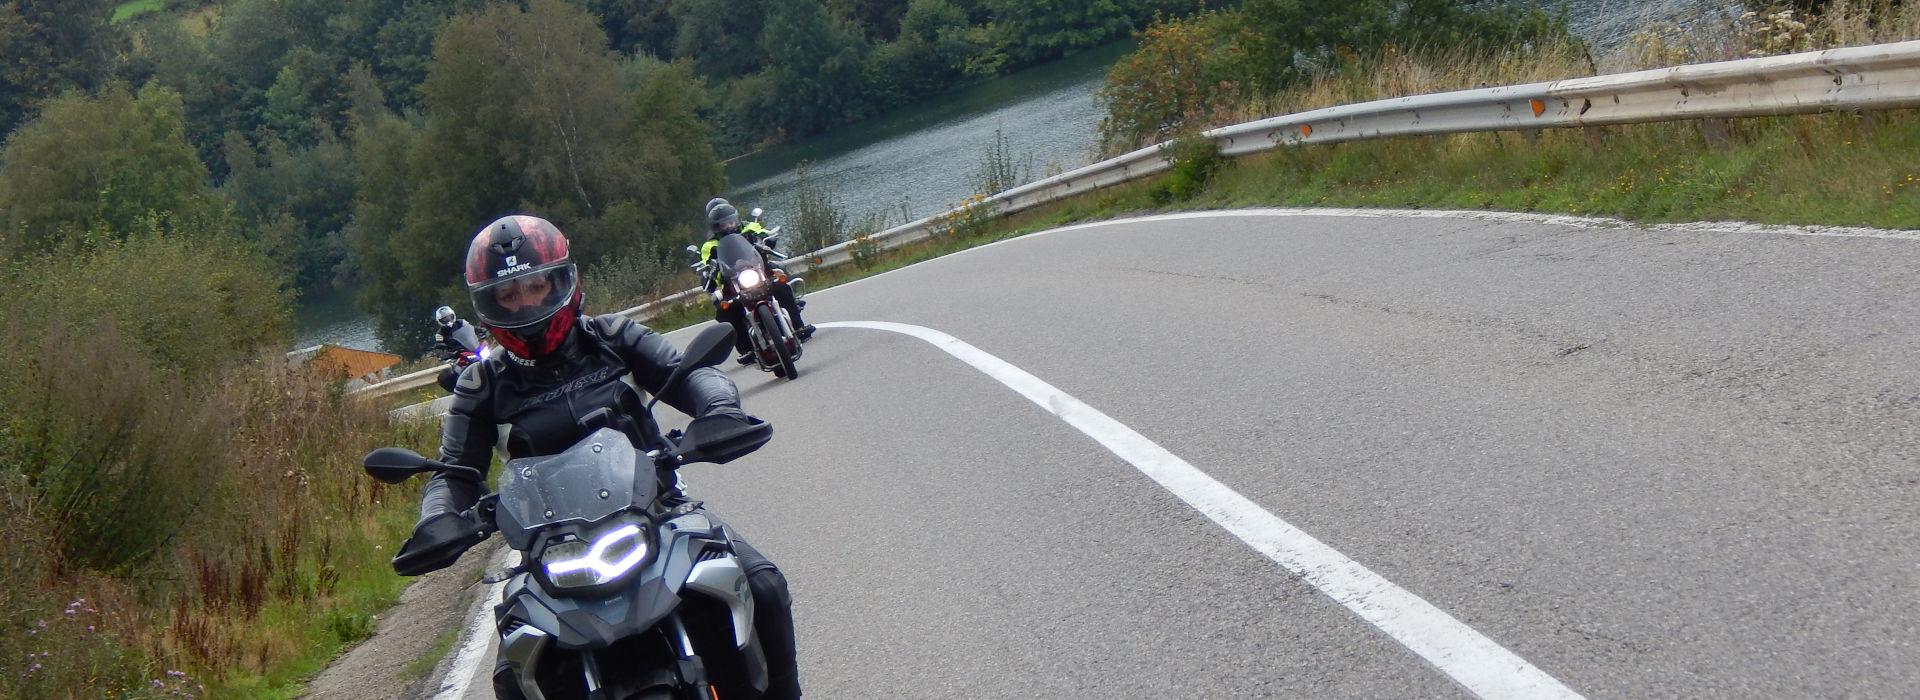 Motorrijbewijspoint Almere snel motorrijbewijs halen